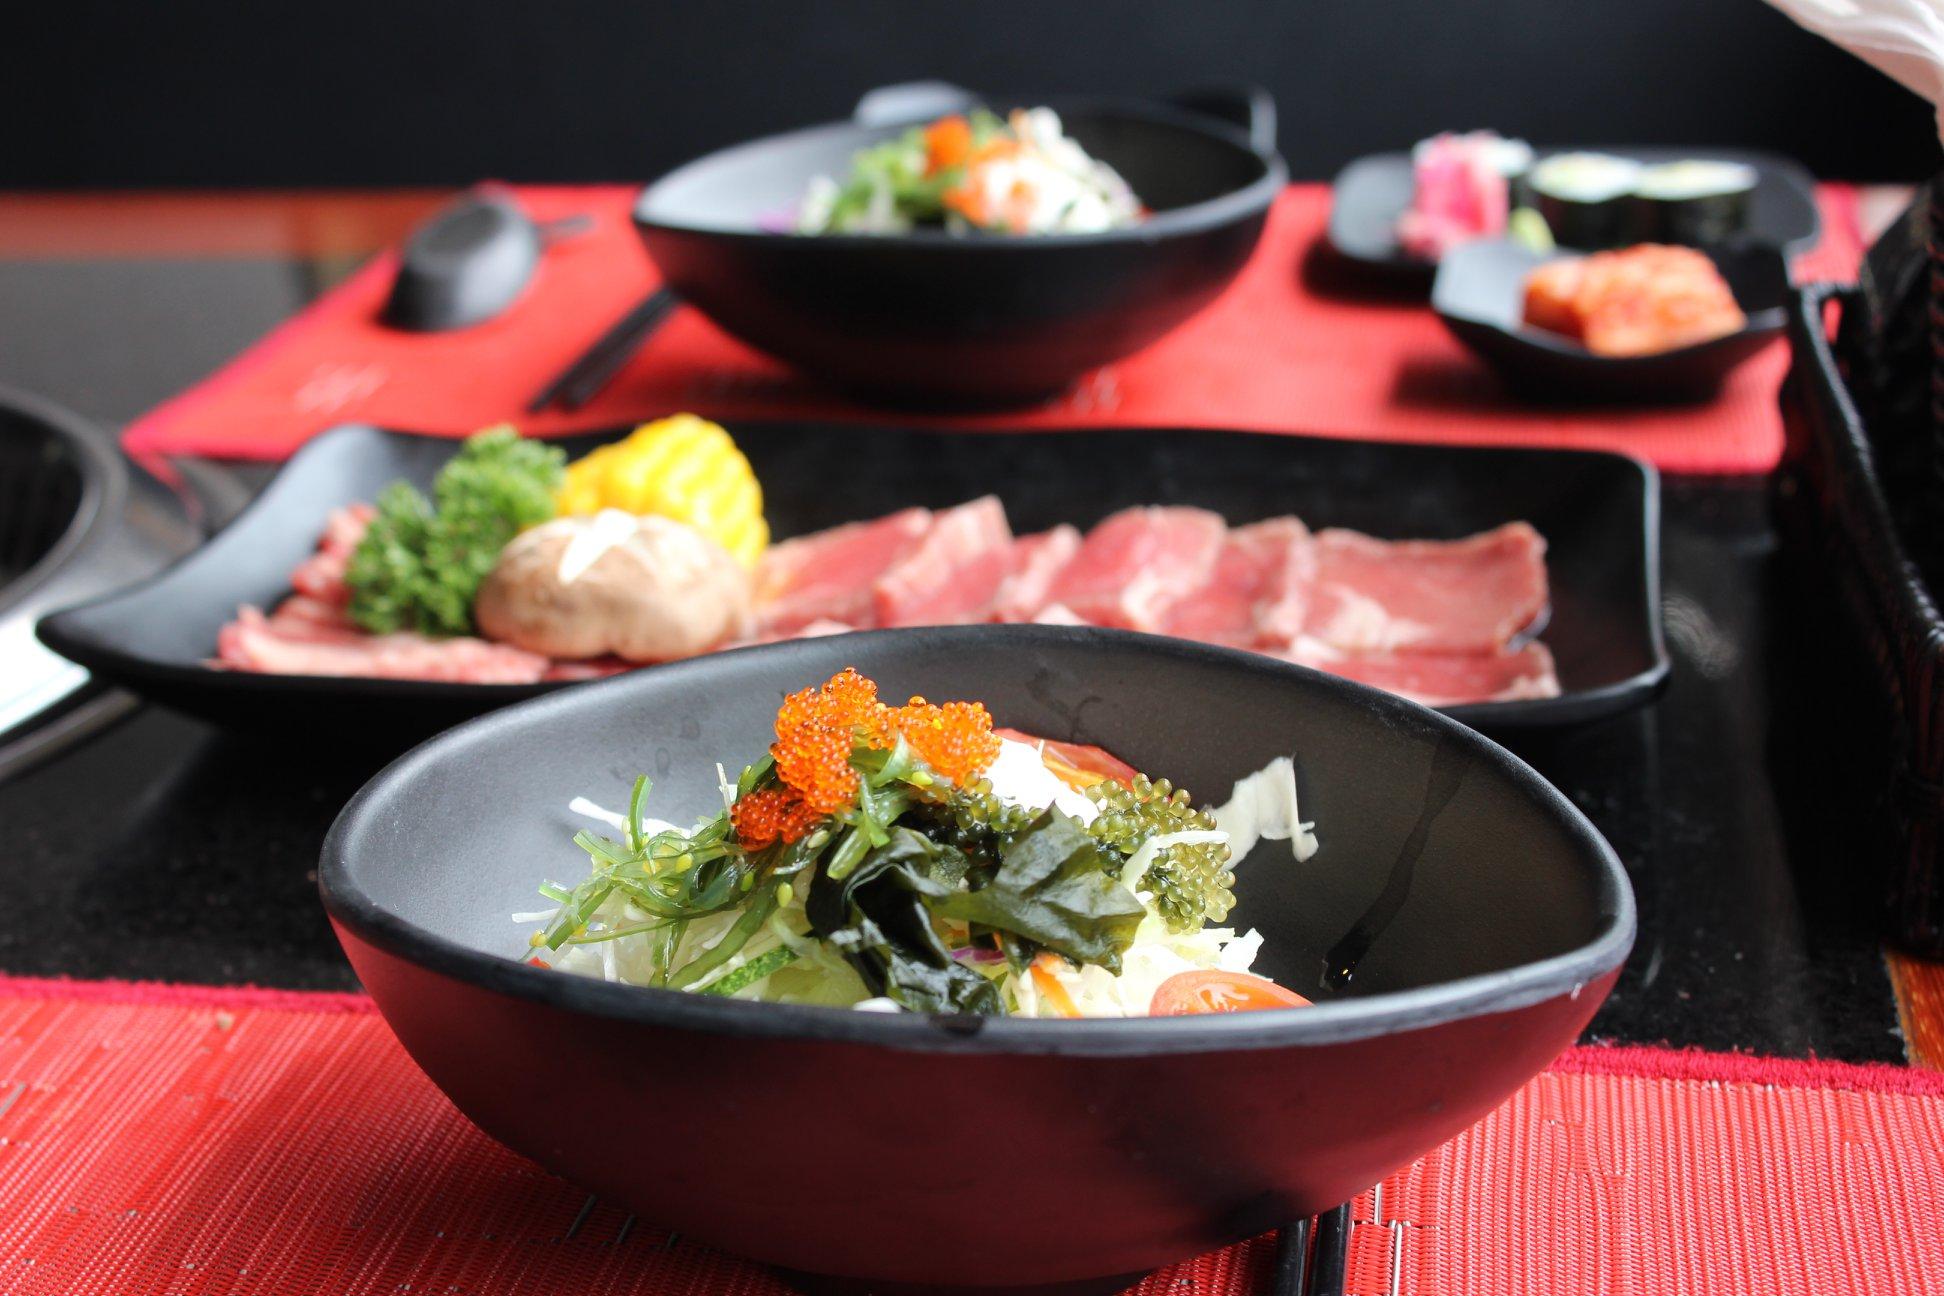 Hot N Tasty khai vị salad